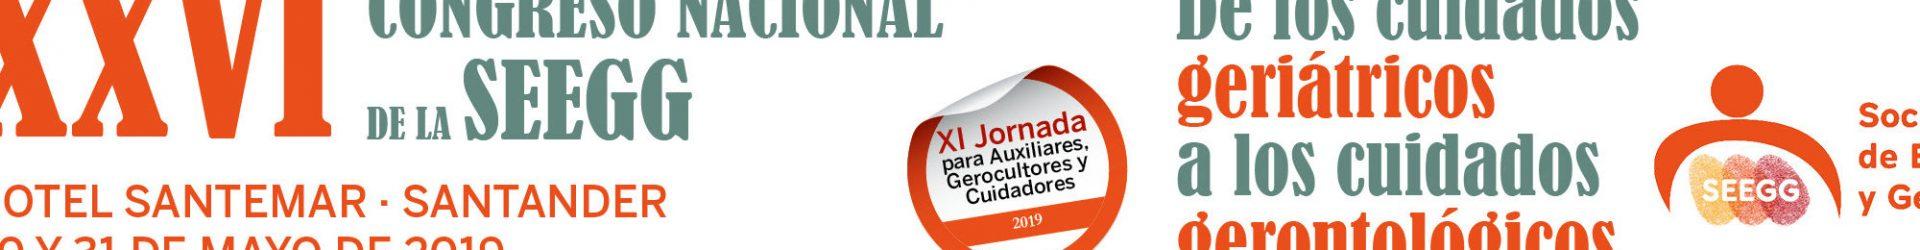 El próximo 30 de mayo se inaugurará en Santander el XXVI Congreso Nacional de la SEEGG